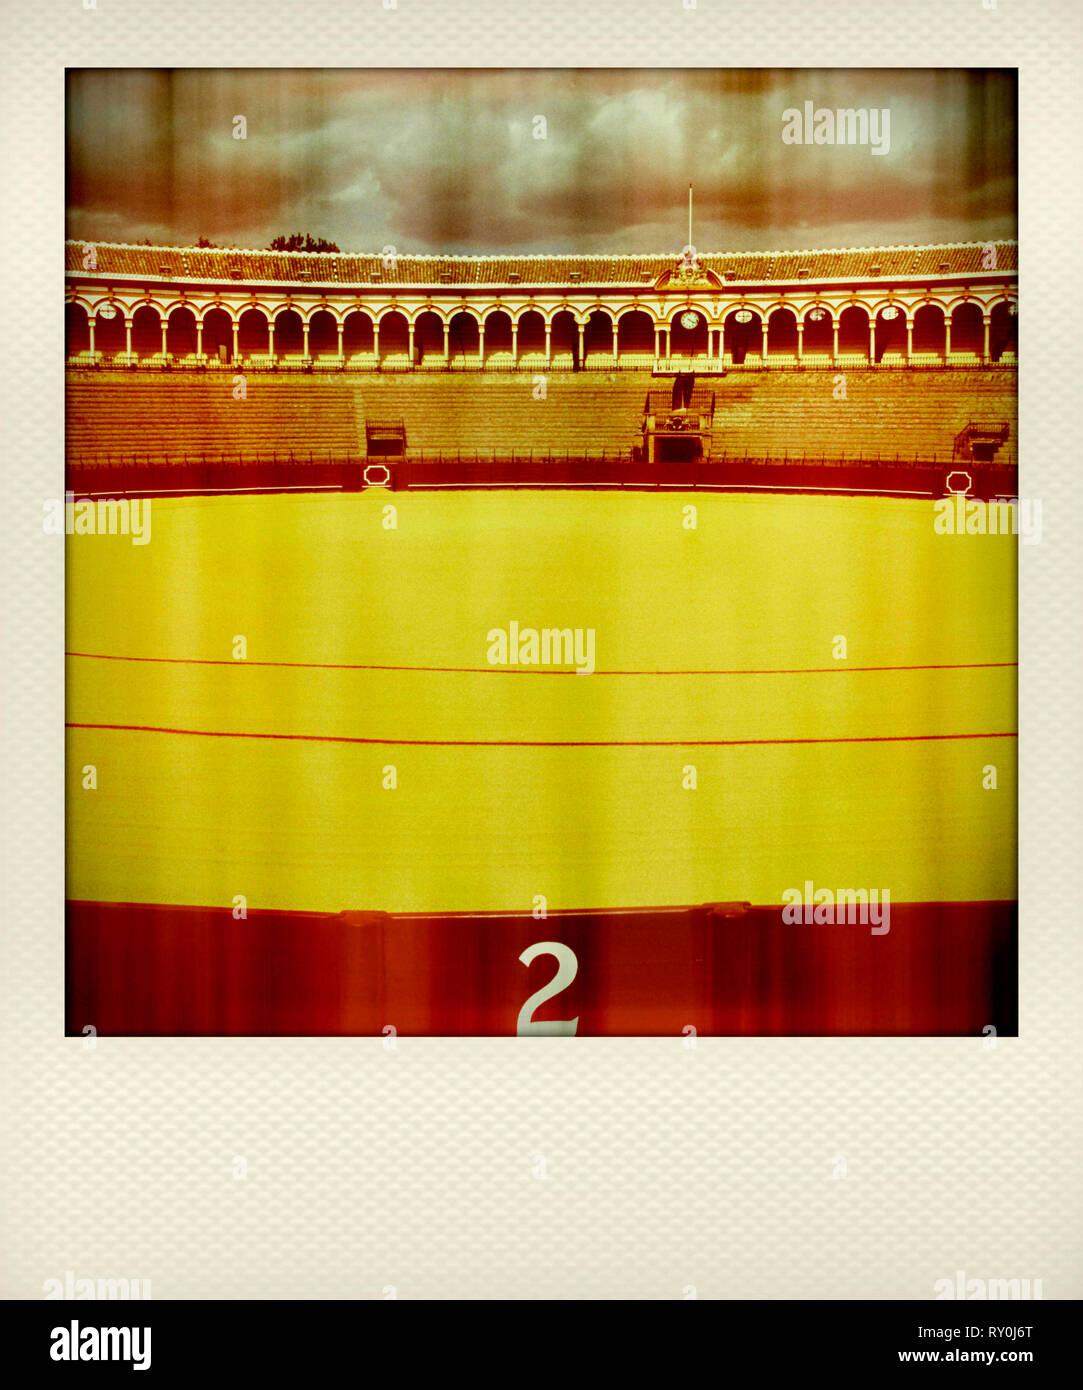 Polaroid effect, Plaza de Toros de la Real Maestranza de Caballería de Sevilla - famous bullring in Seville, Spain, Europe - Stock Image